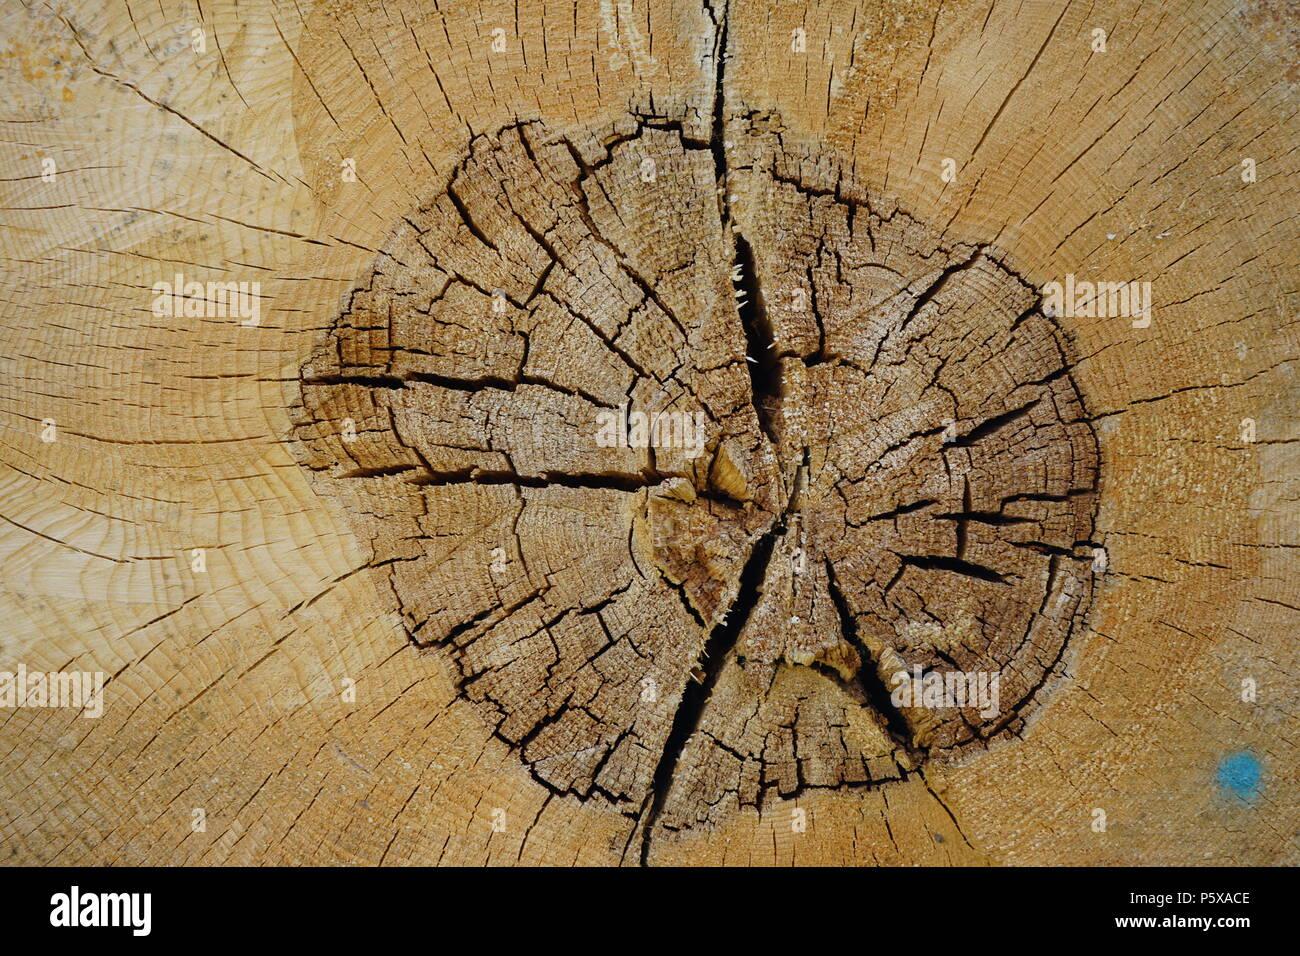 Holz Textur, Baumringe, Querschnitt eines Baumstammes, Deutschland - Stock Image